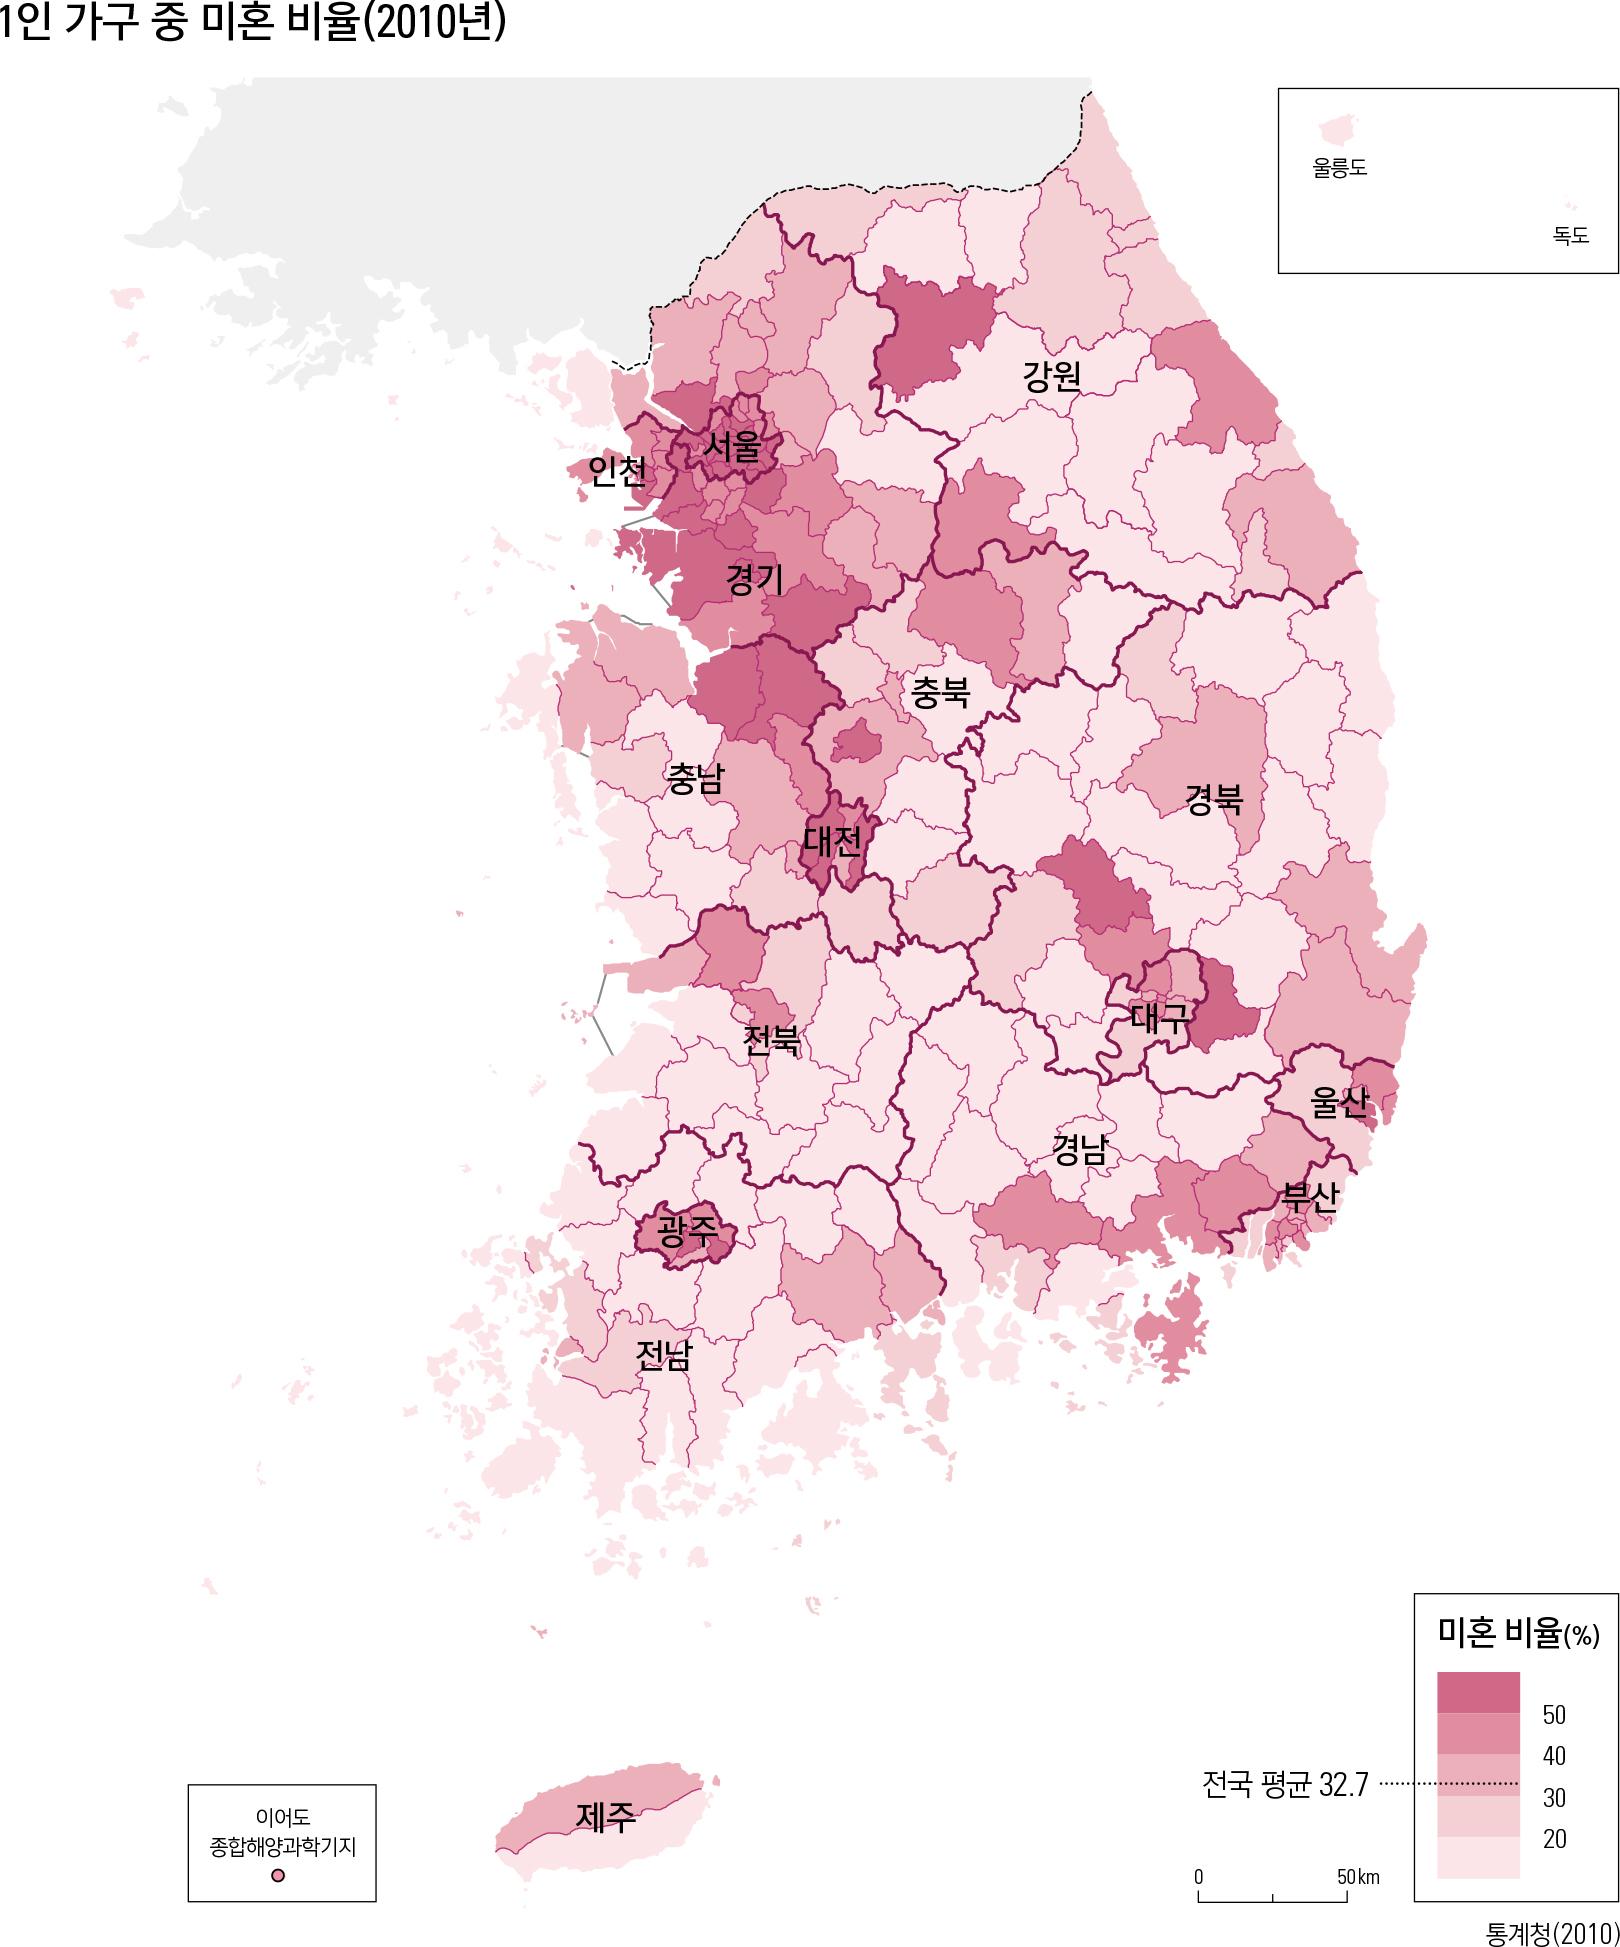 1인 가구 중 미혼 비율(2010년)